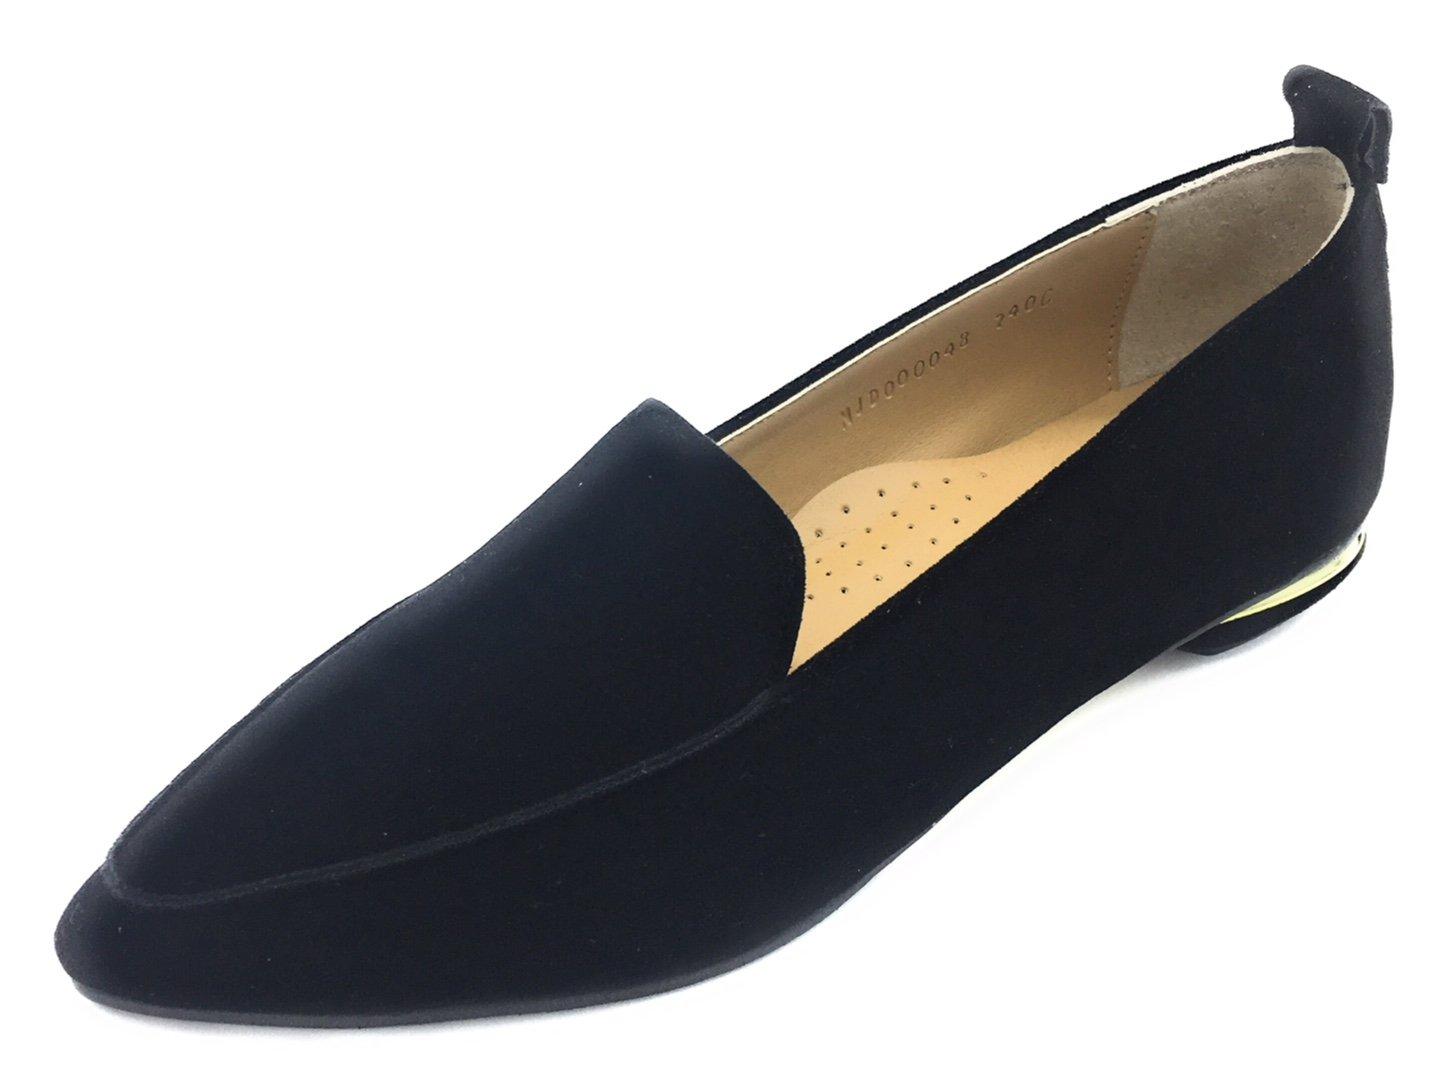 Davinci Women's Suede Loafter Heel B0772XBKTT 7.5 B(M) US|Black